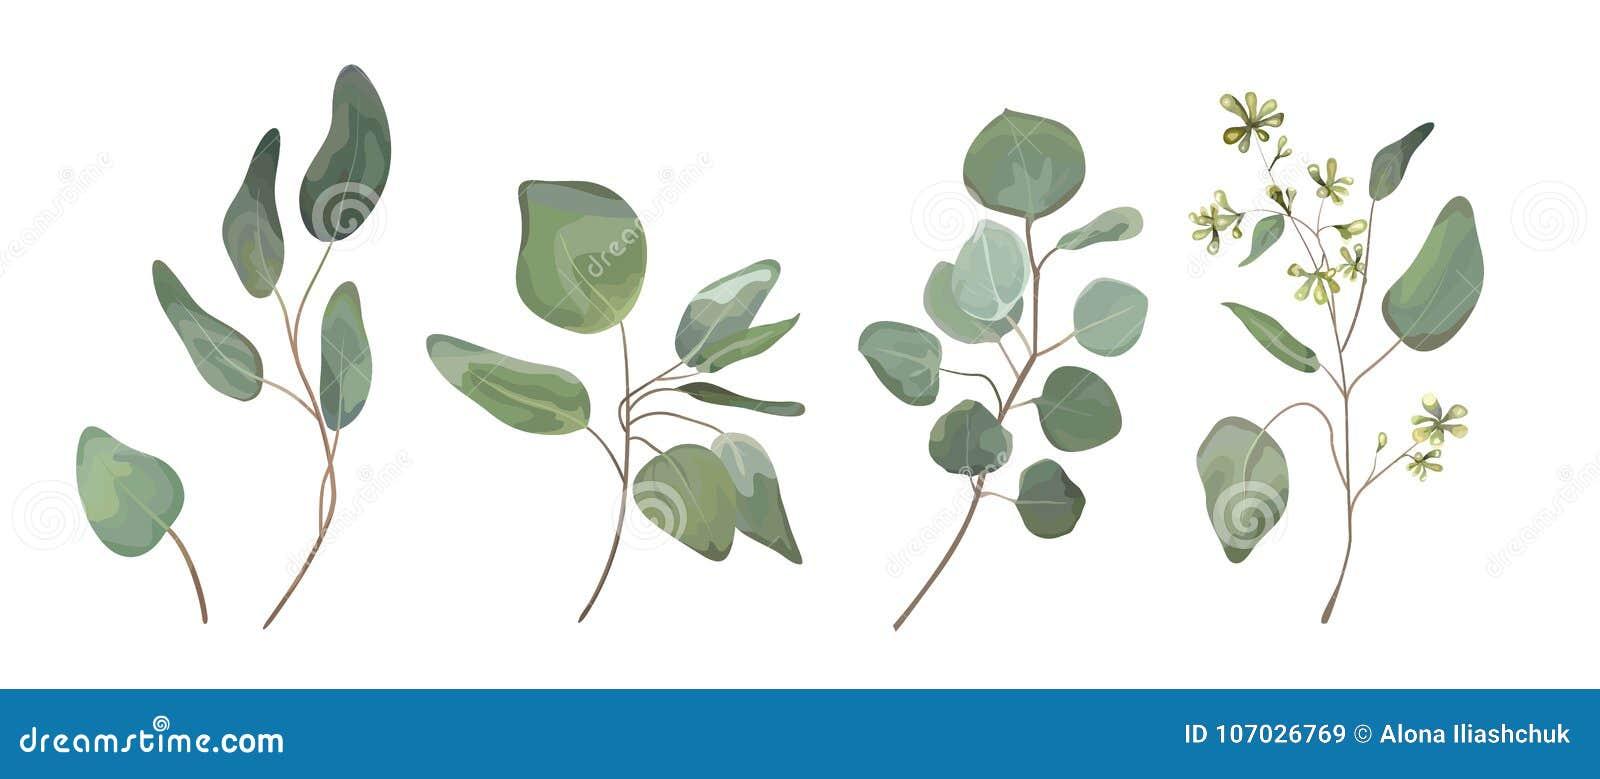 El eucalipto sembró el arte del diseñador de las hojas del árbol del dólar de plata, foliag